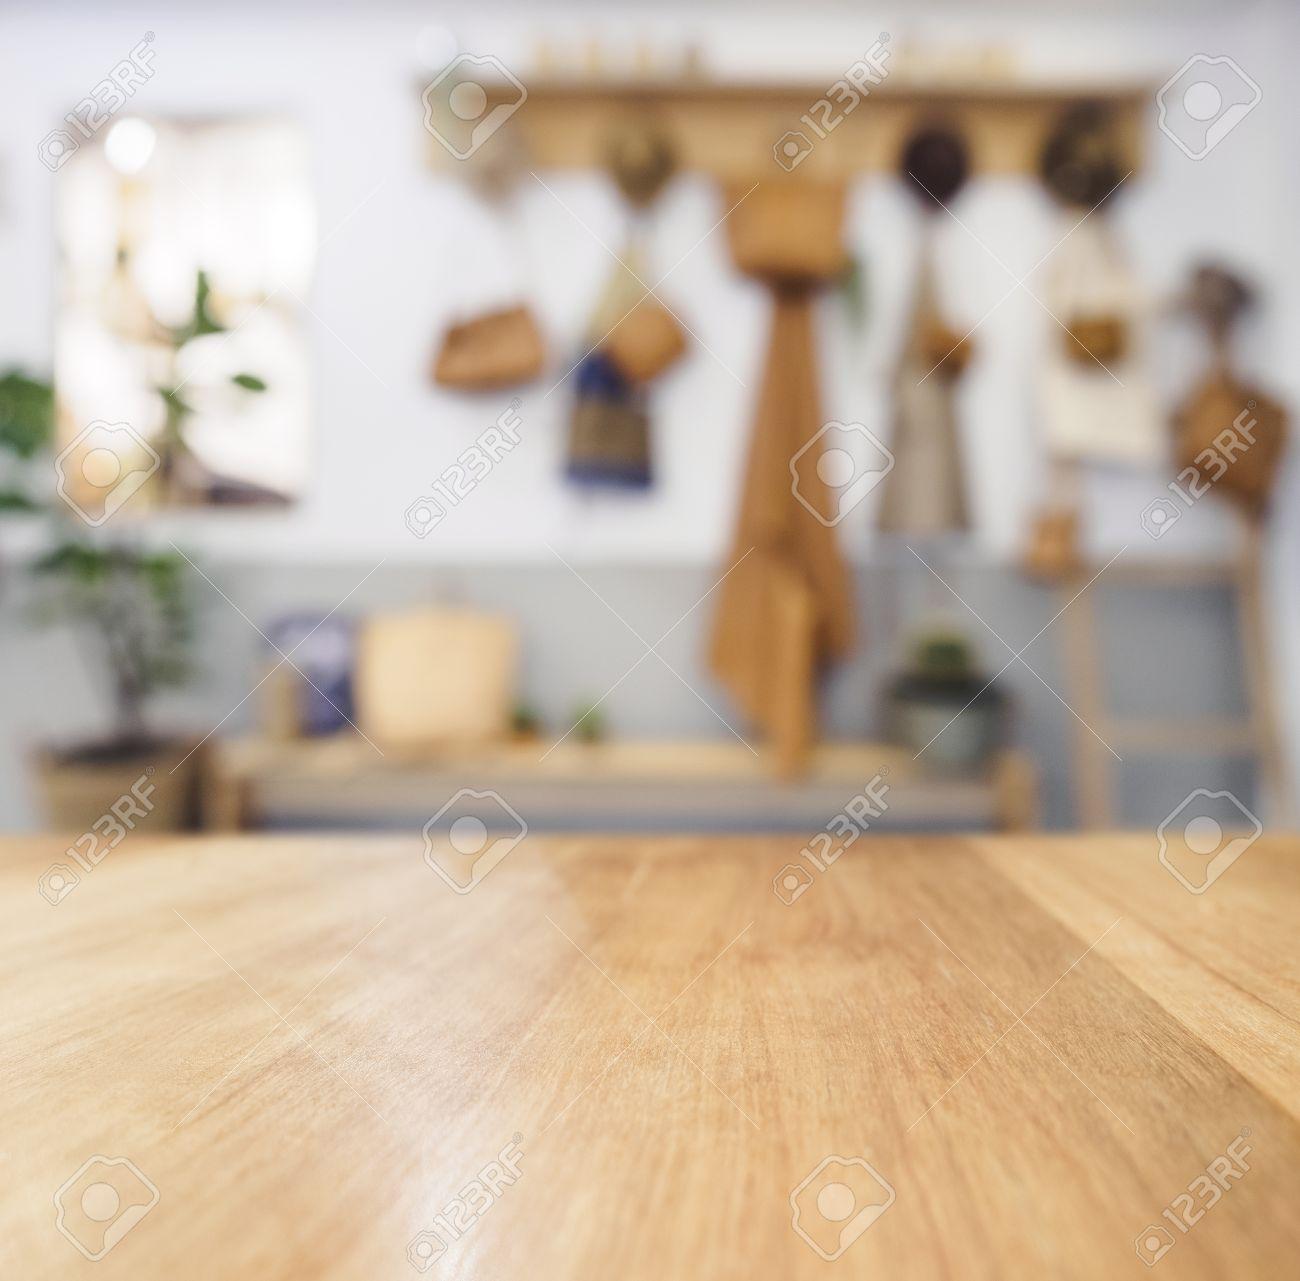 Tabla Encimera De Madera Fondo Borrosa De Cocina Estilo De La Cabaña ...